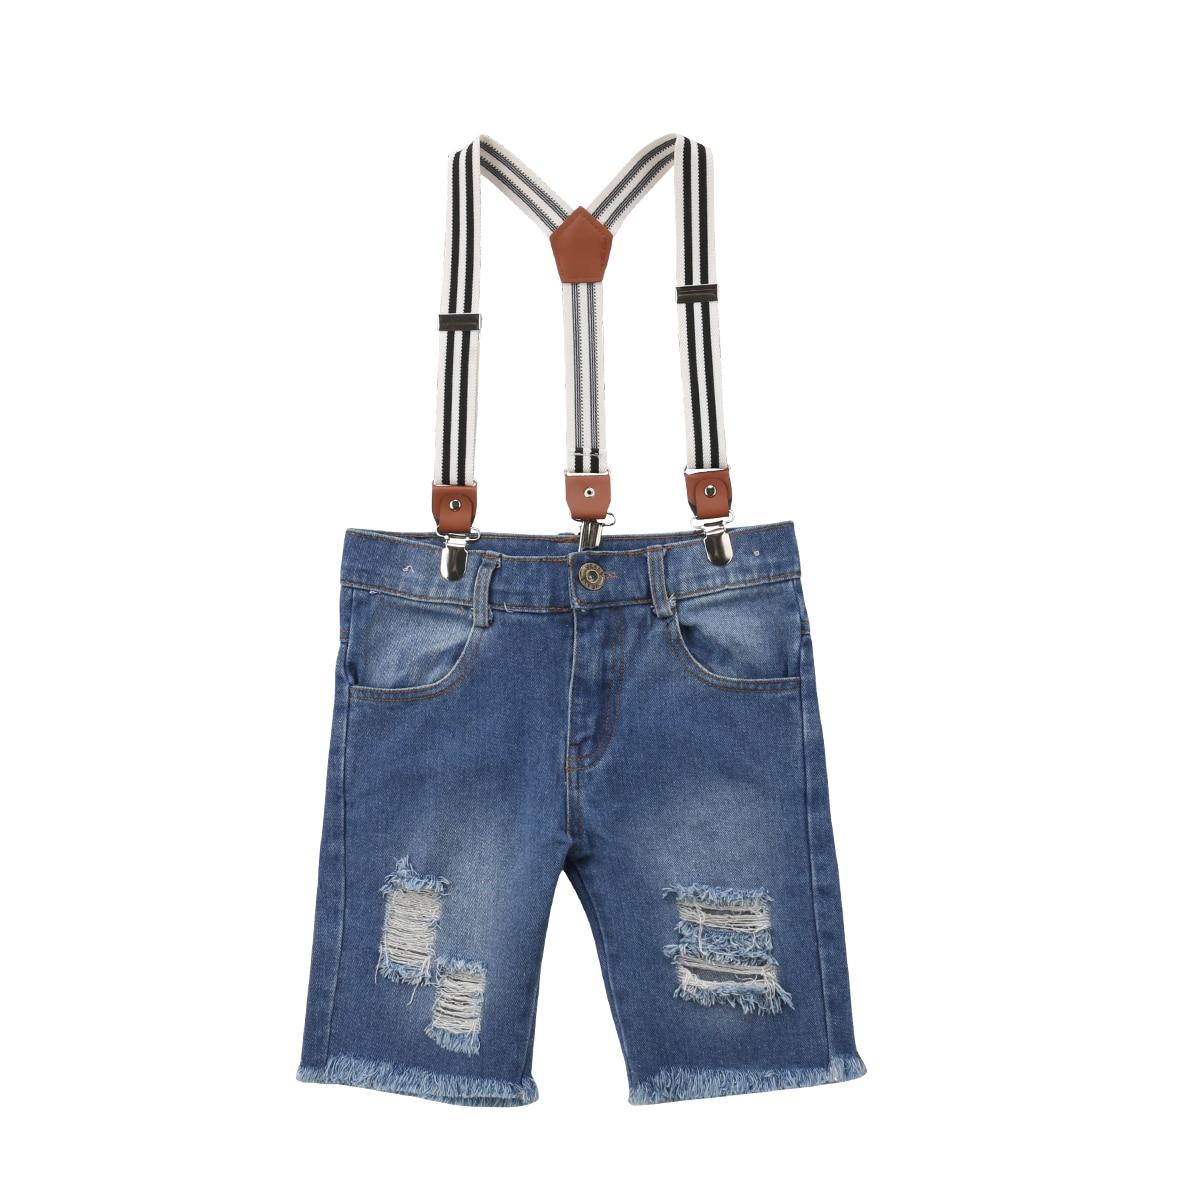 Diimuu 2018 Jungen Jeans Hosen Lange Hosen Solide Kleinkind Kinder Baby Jungen Kleidung Overalls Elastische Taille Kleidung Infant Kinder Jungen Kleidung